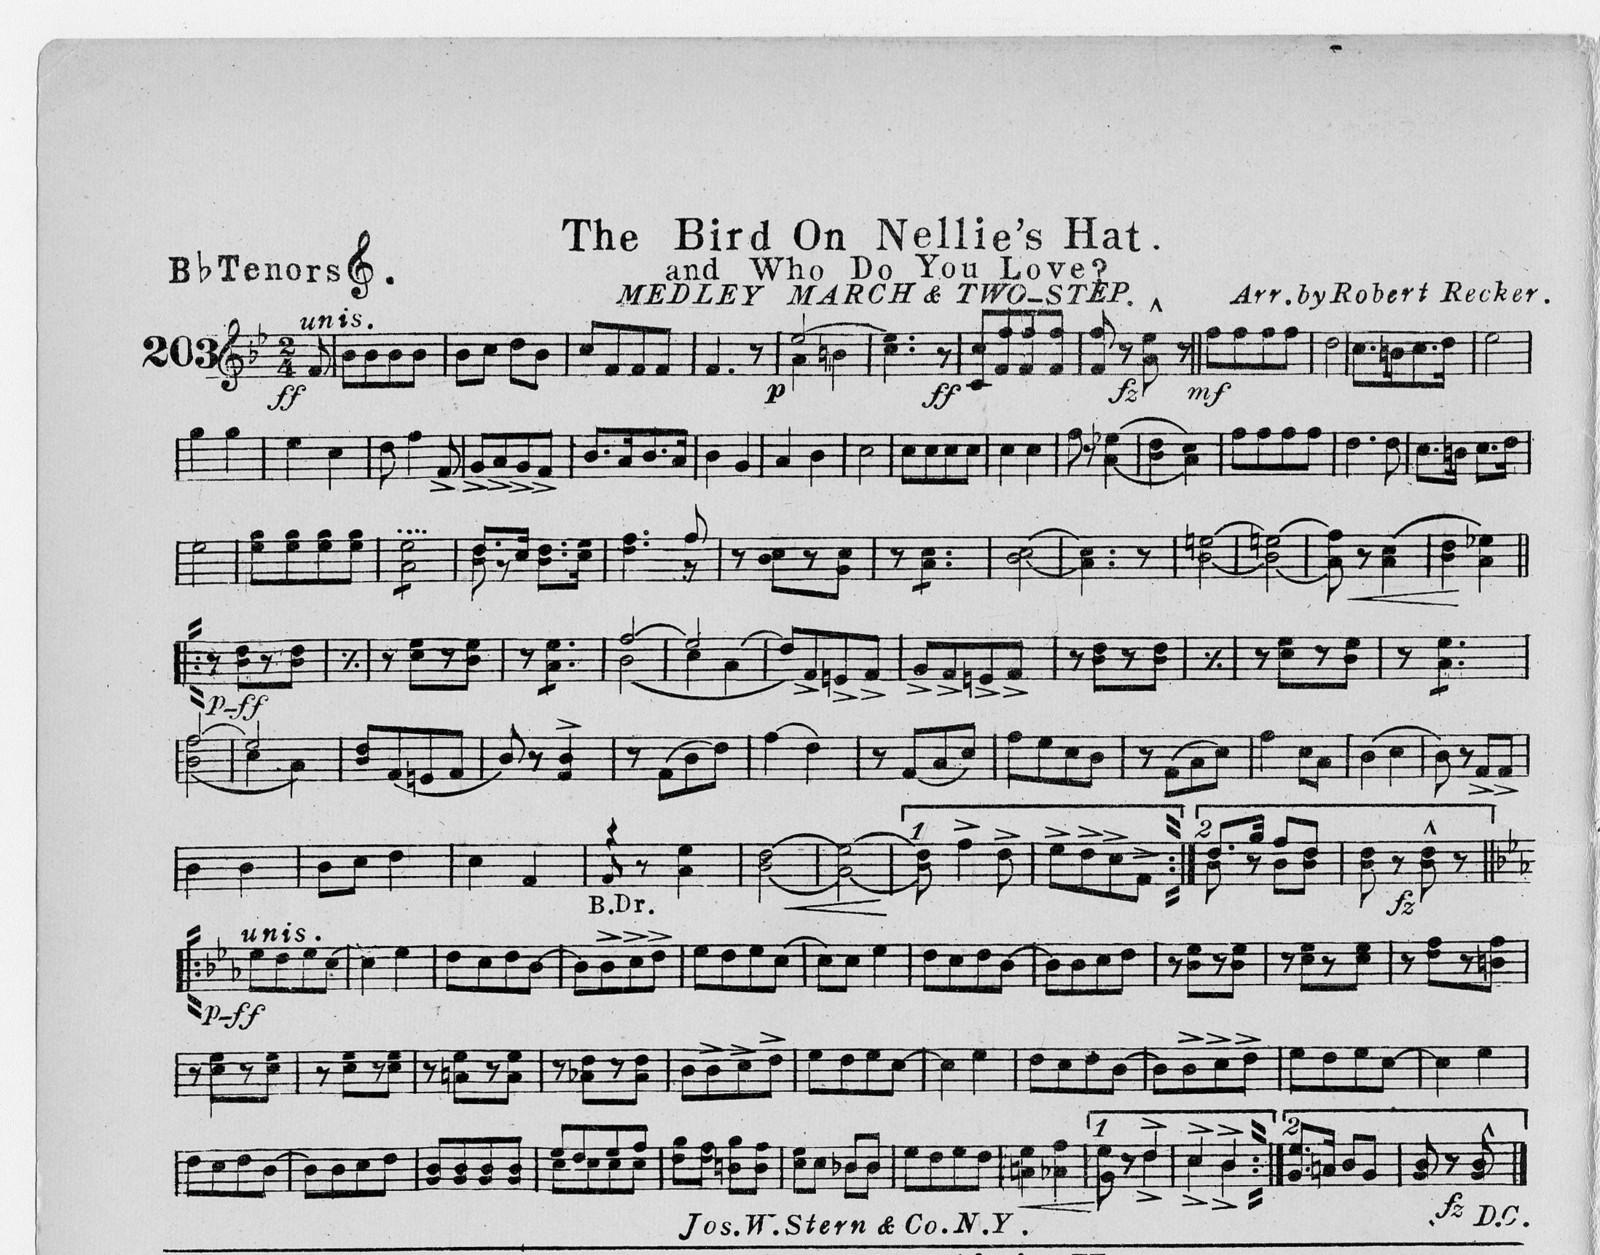 Bird on Nellie's hat